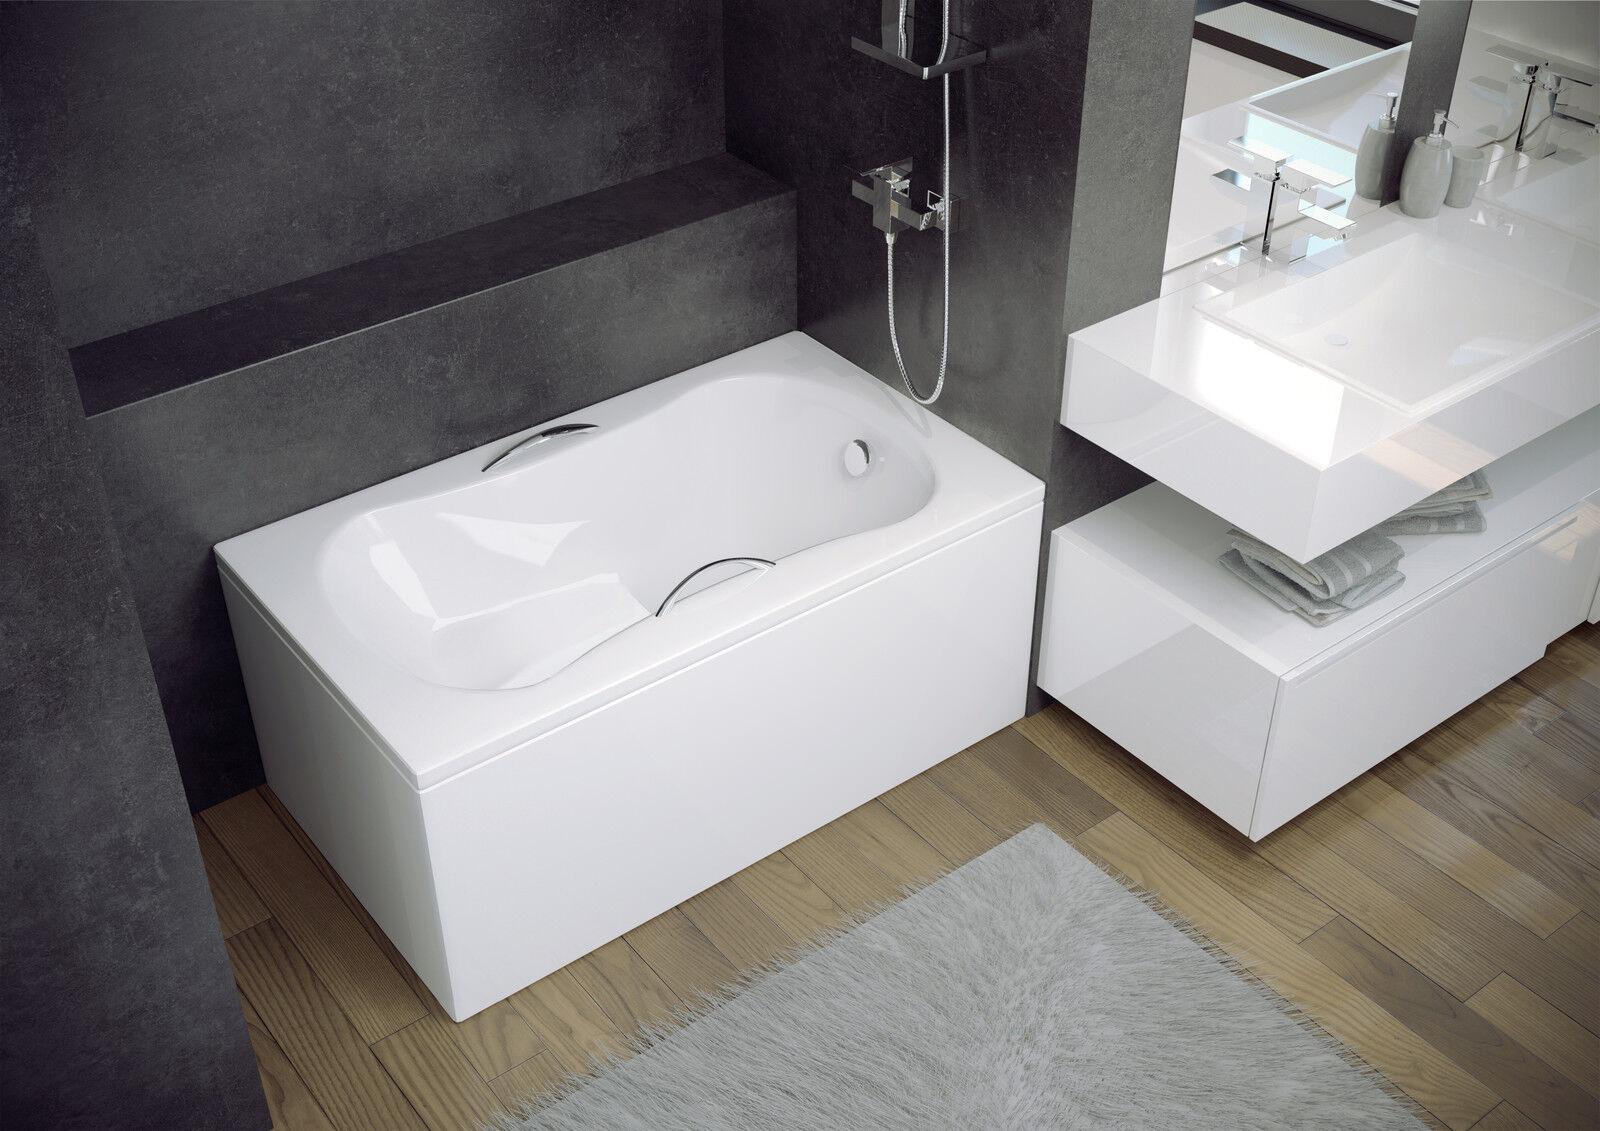 Haute Qualité Acrylique BAIN avec siège 120 x 70 économiseur d'espace, bateaux, lofts